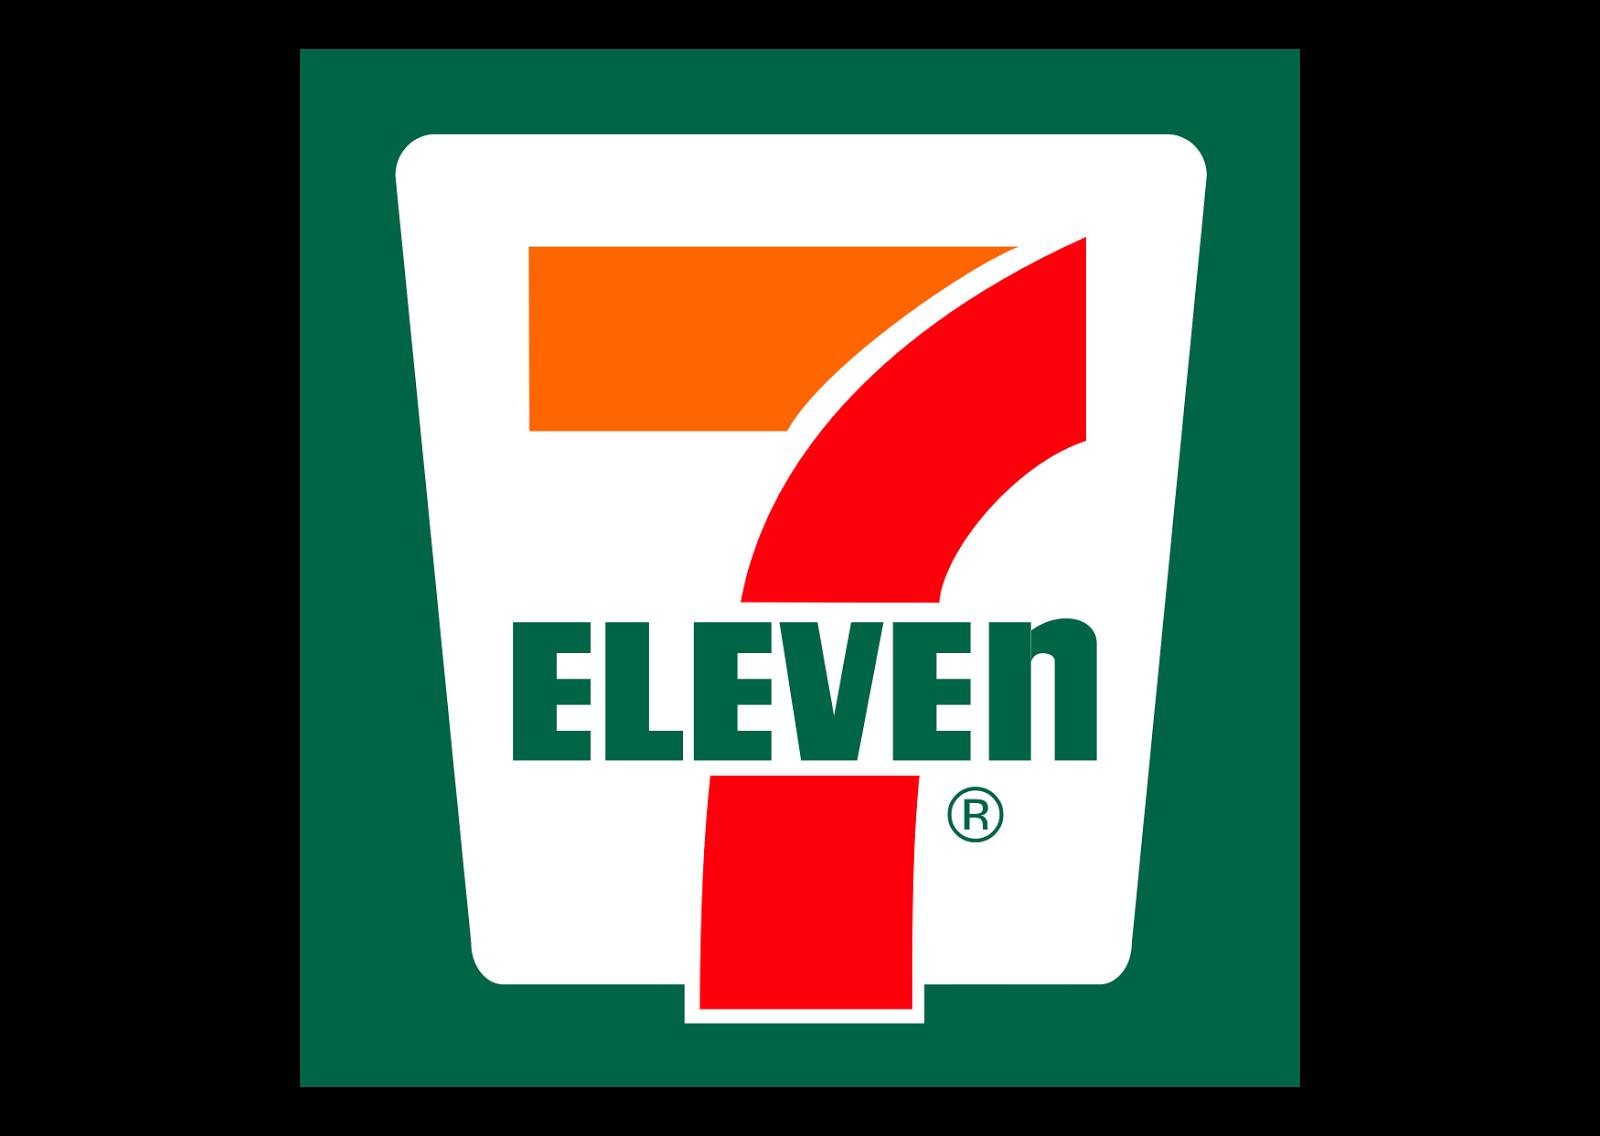 7 Eleven Logo Vector.